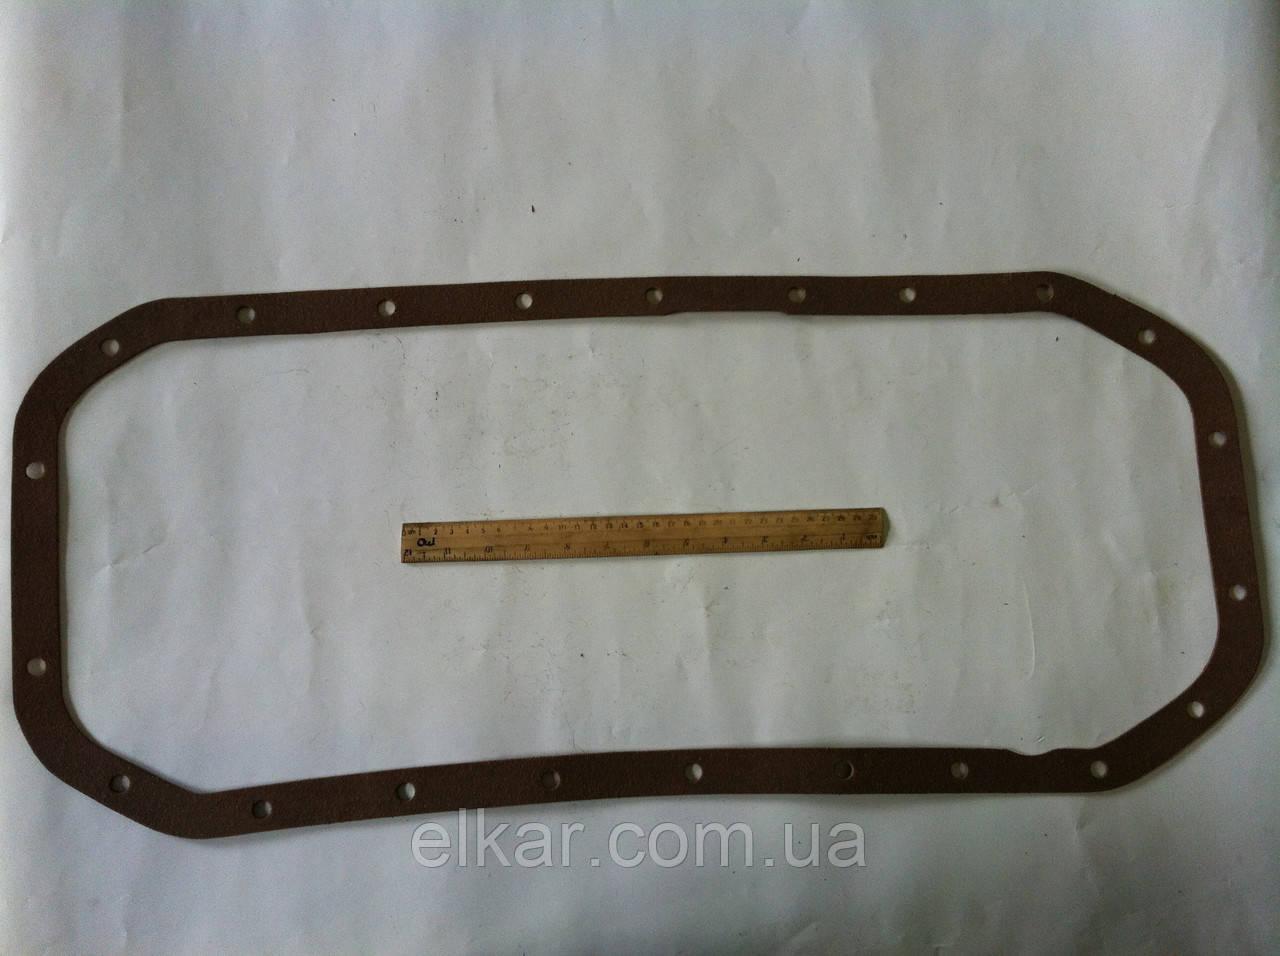 Прокладка картера масляного   60.08103.30 (Україна)